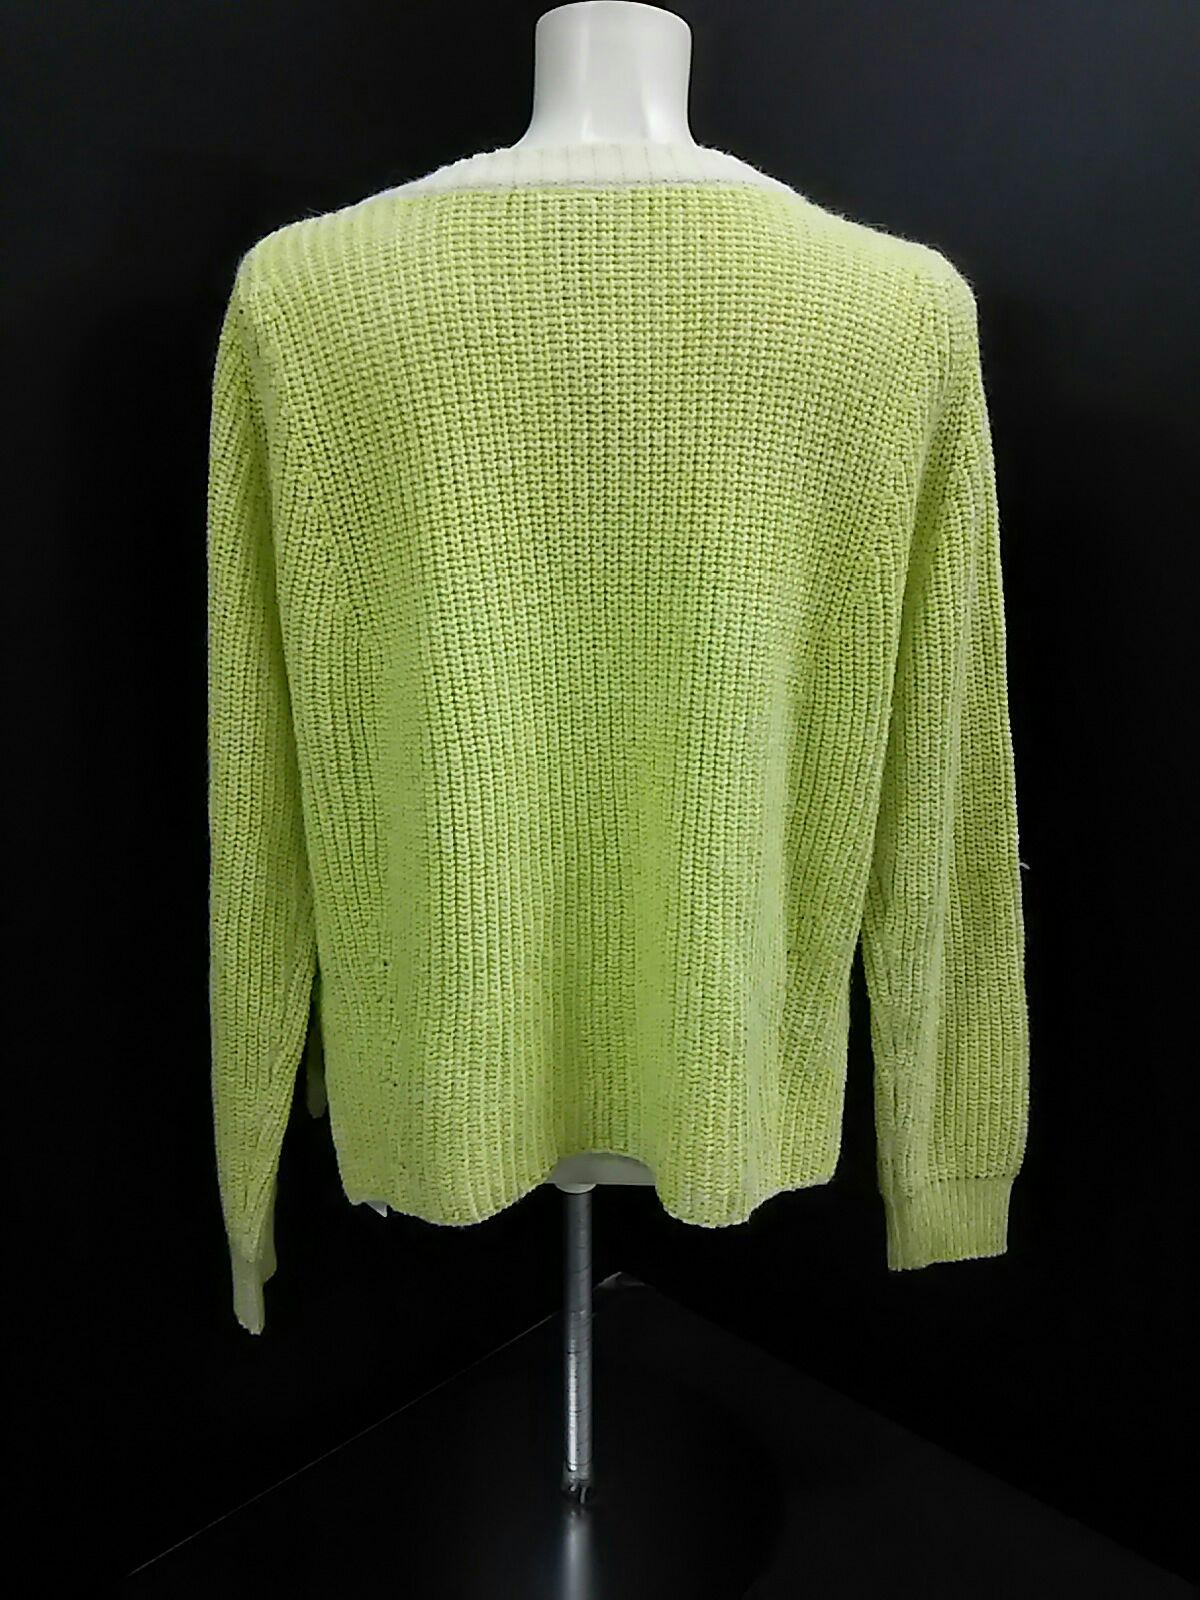 Rdevushka(シェブシュカ)のセーター